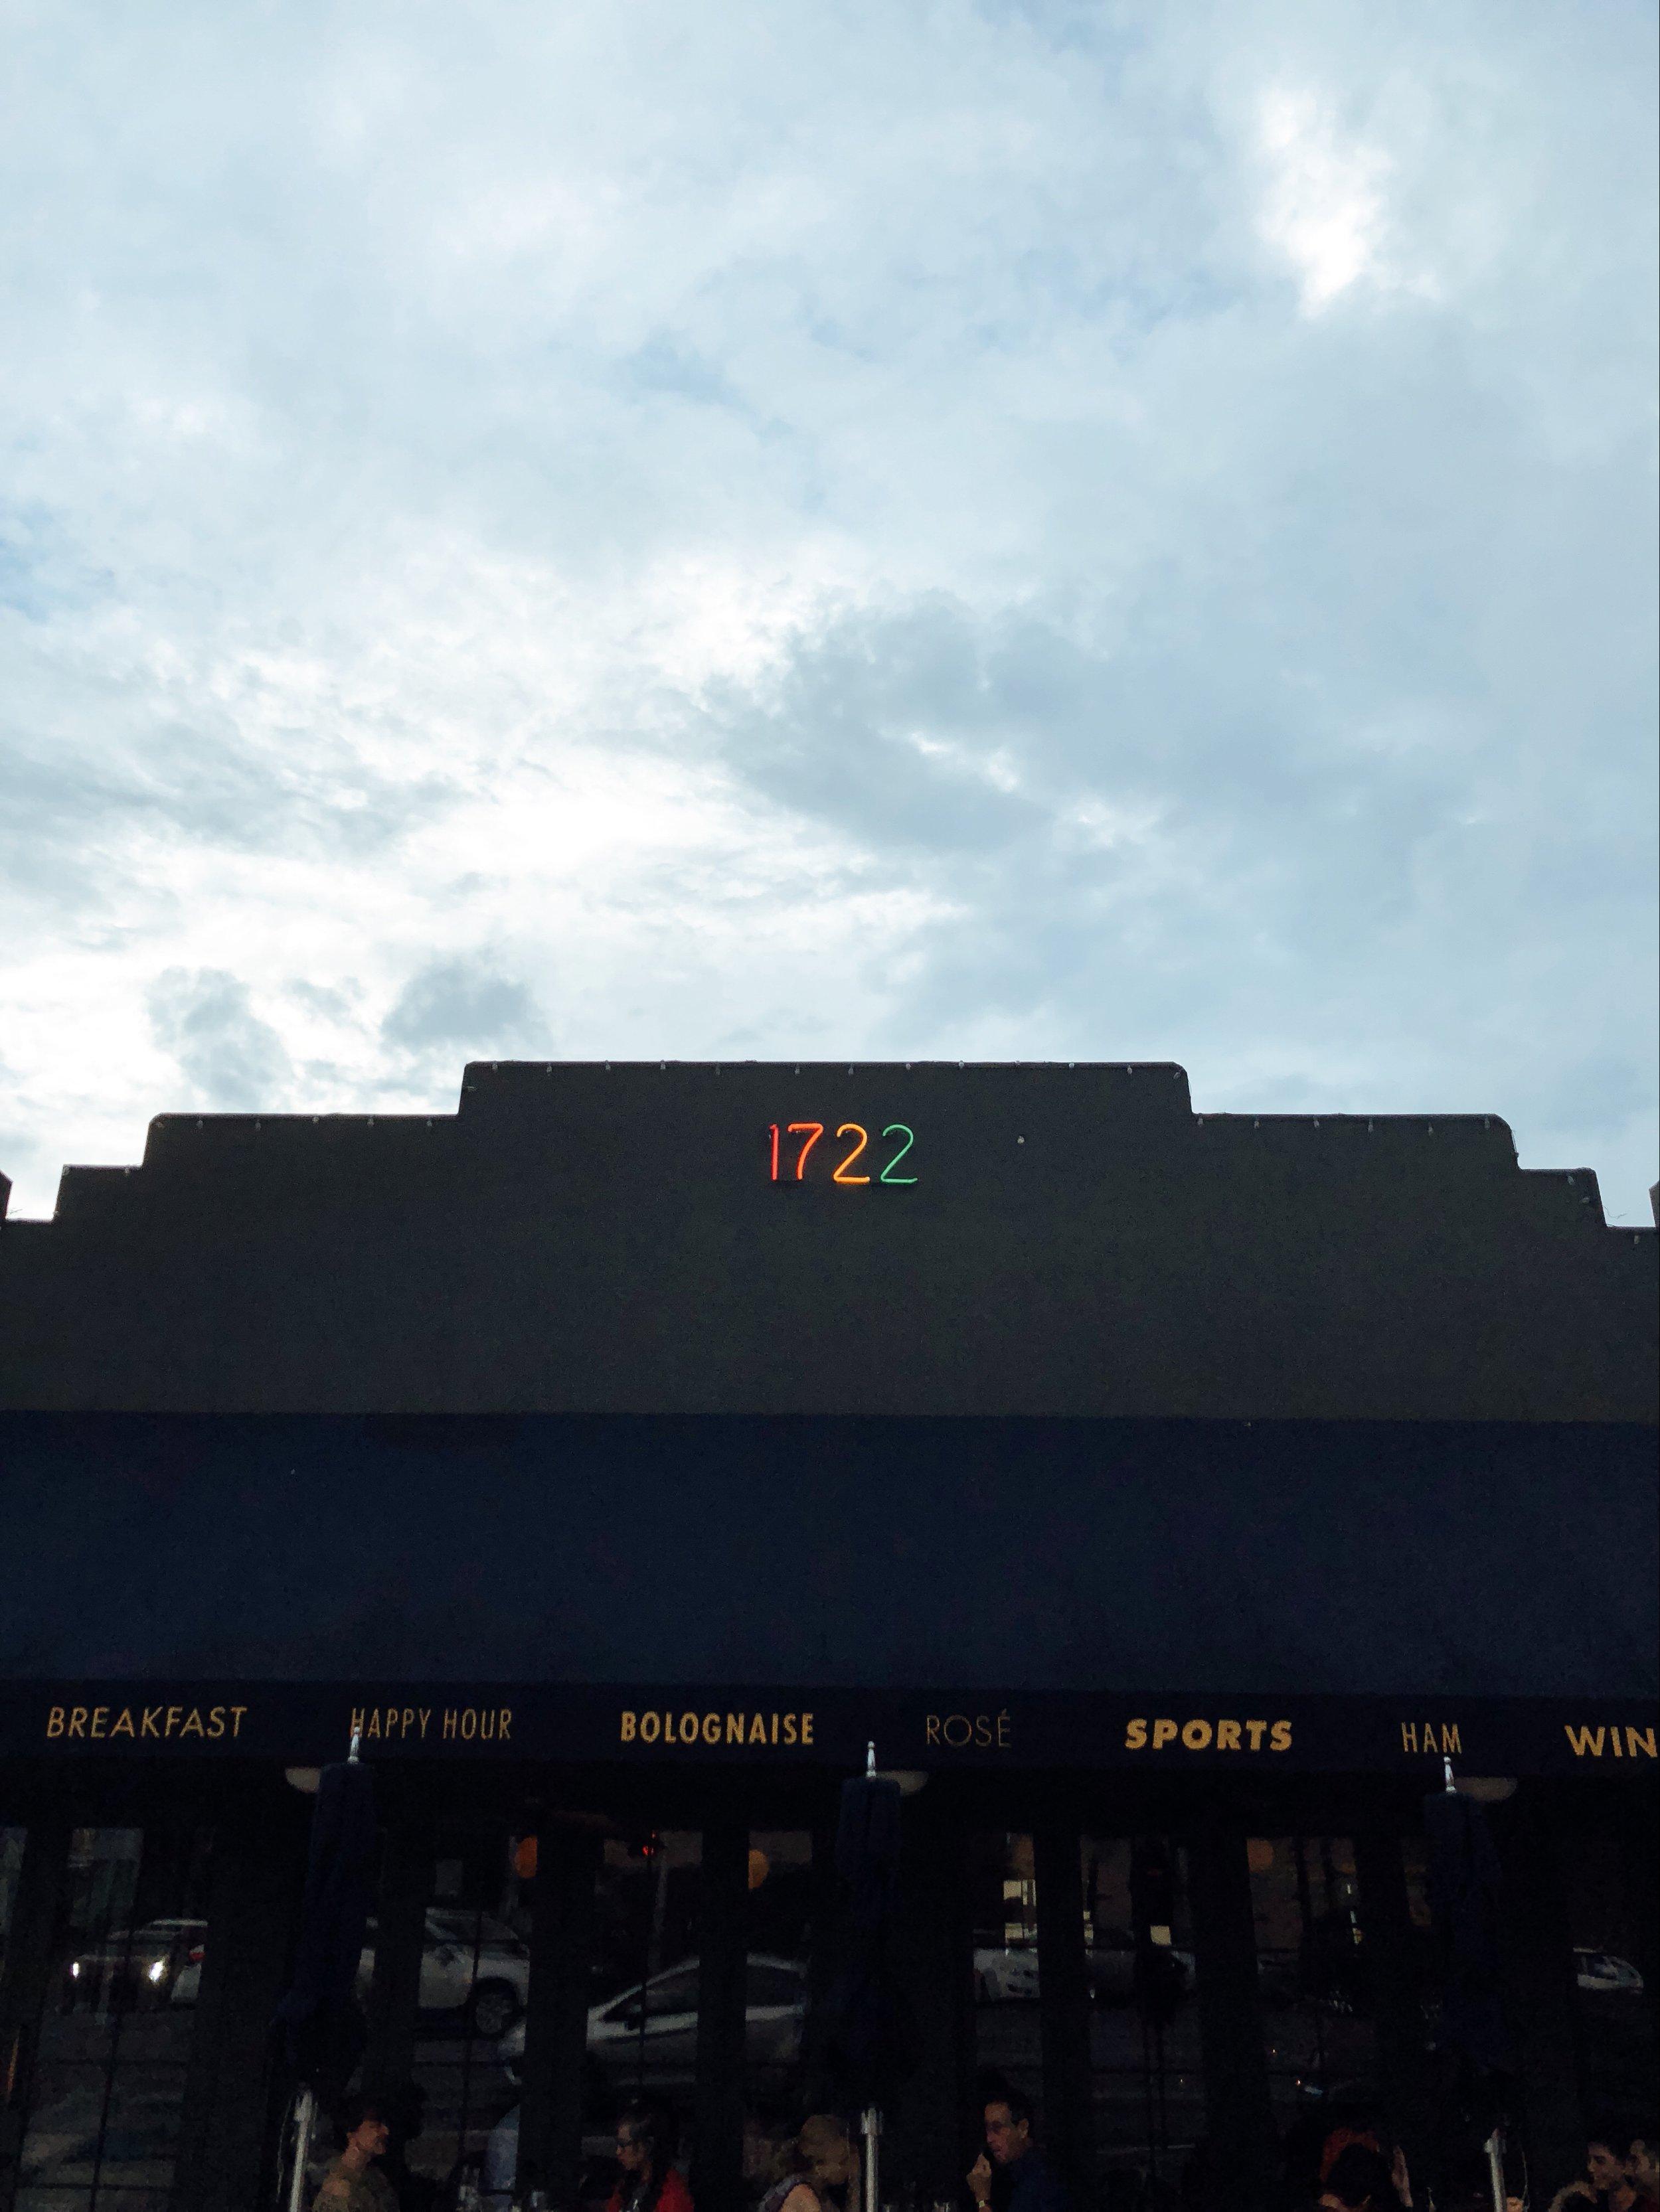 junes-1722-sign.JPG